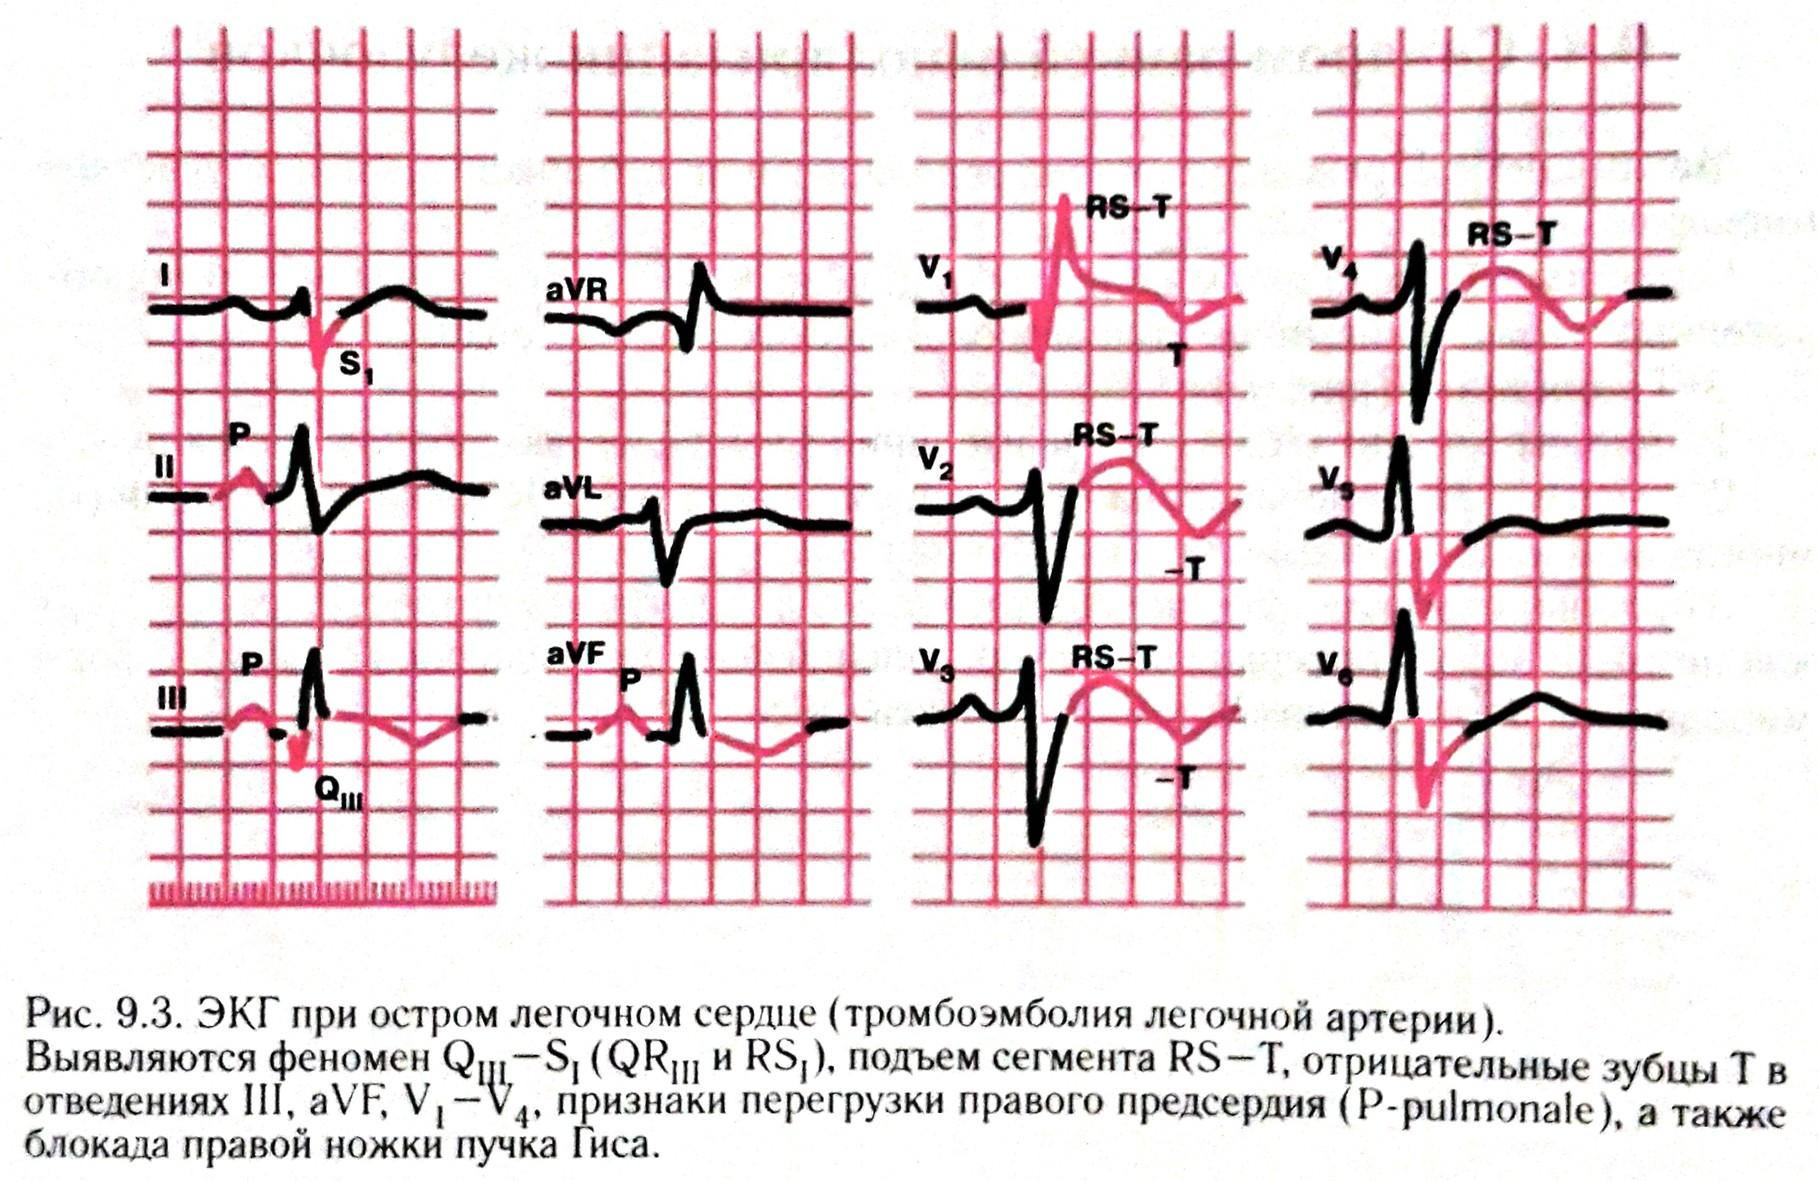 Проблемы после воспалительных процессов в грудной клетке — легочное сердце